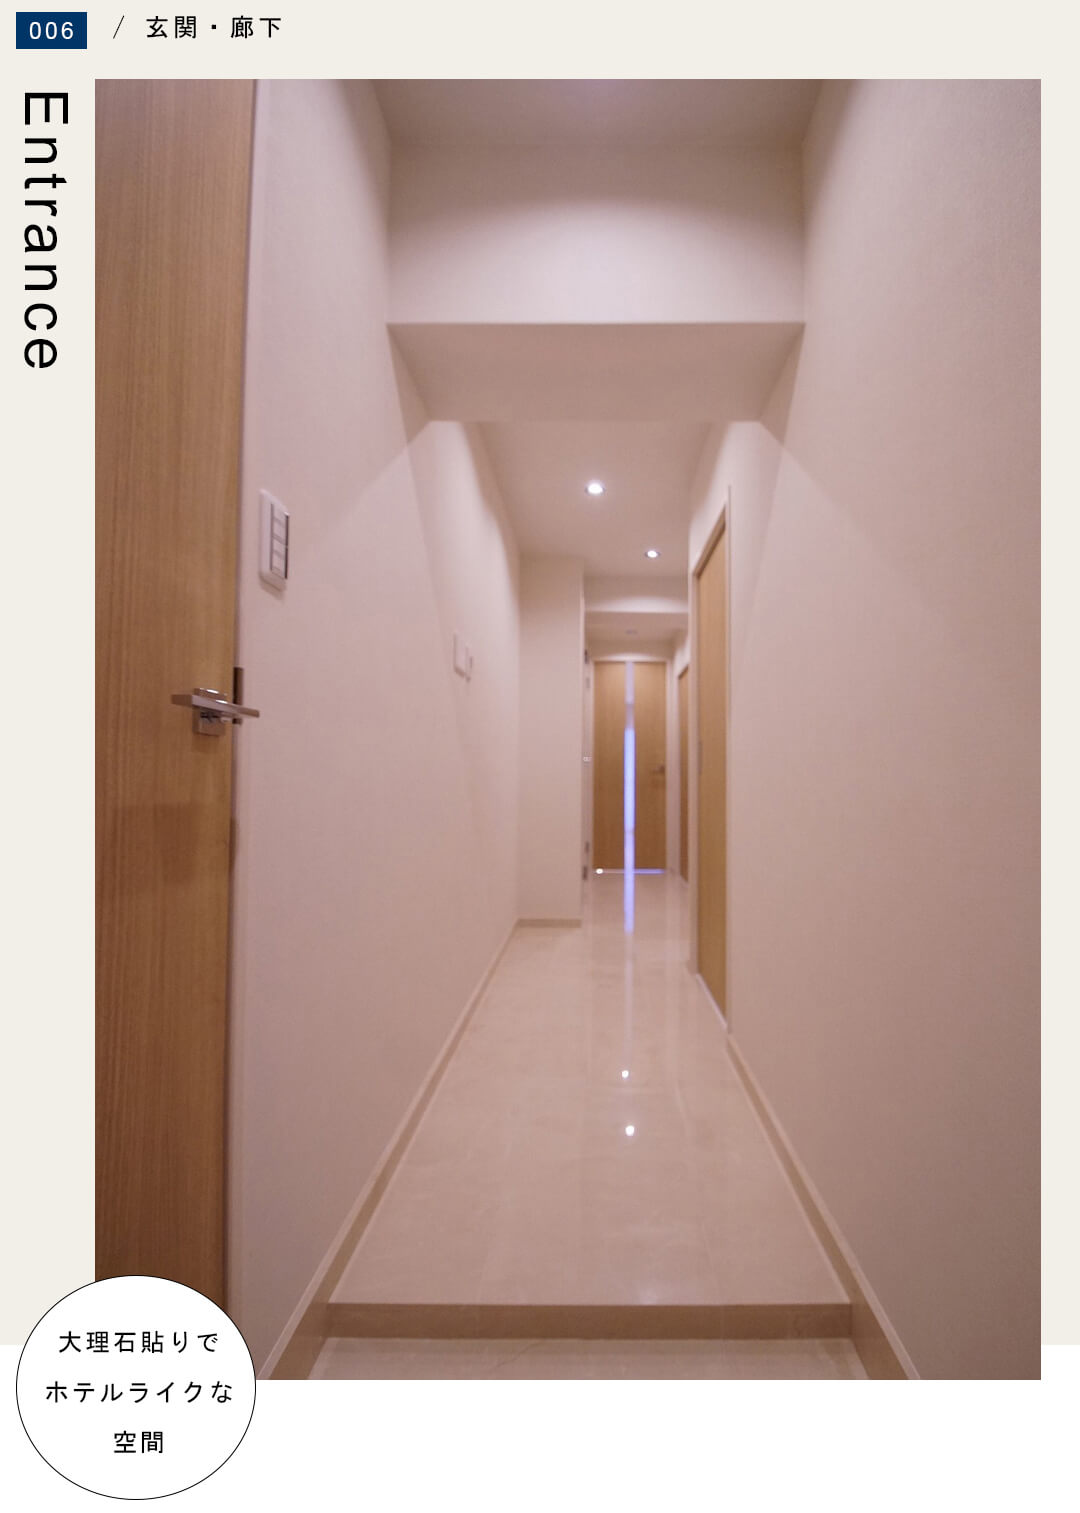 東建参宮橋マンション 706の廊下